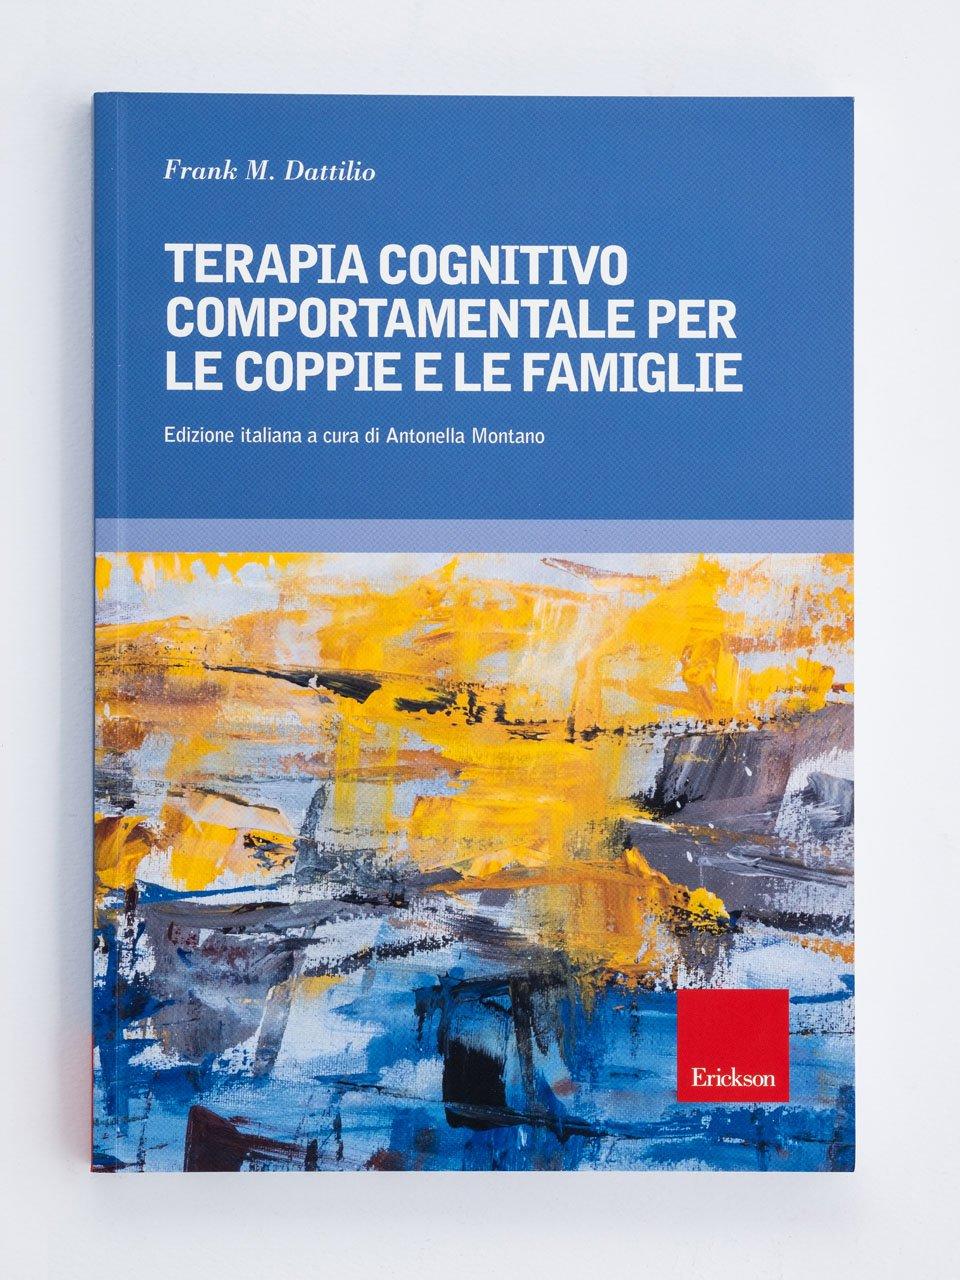 Terapia cognitivo comportamentale per le coppie e le famiglie - Non voglio andare a dormire! - Libri - Erickson